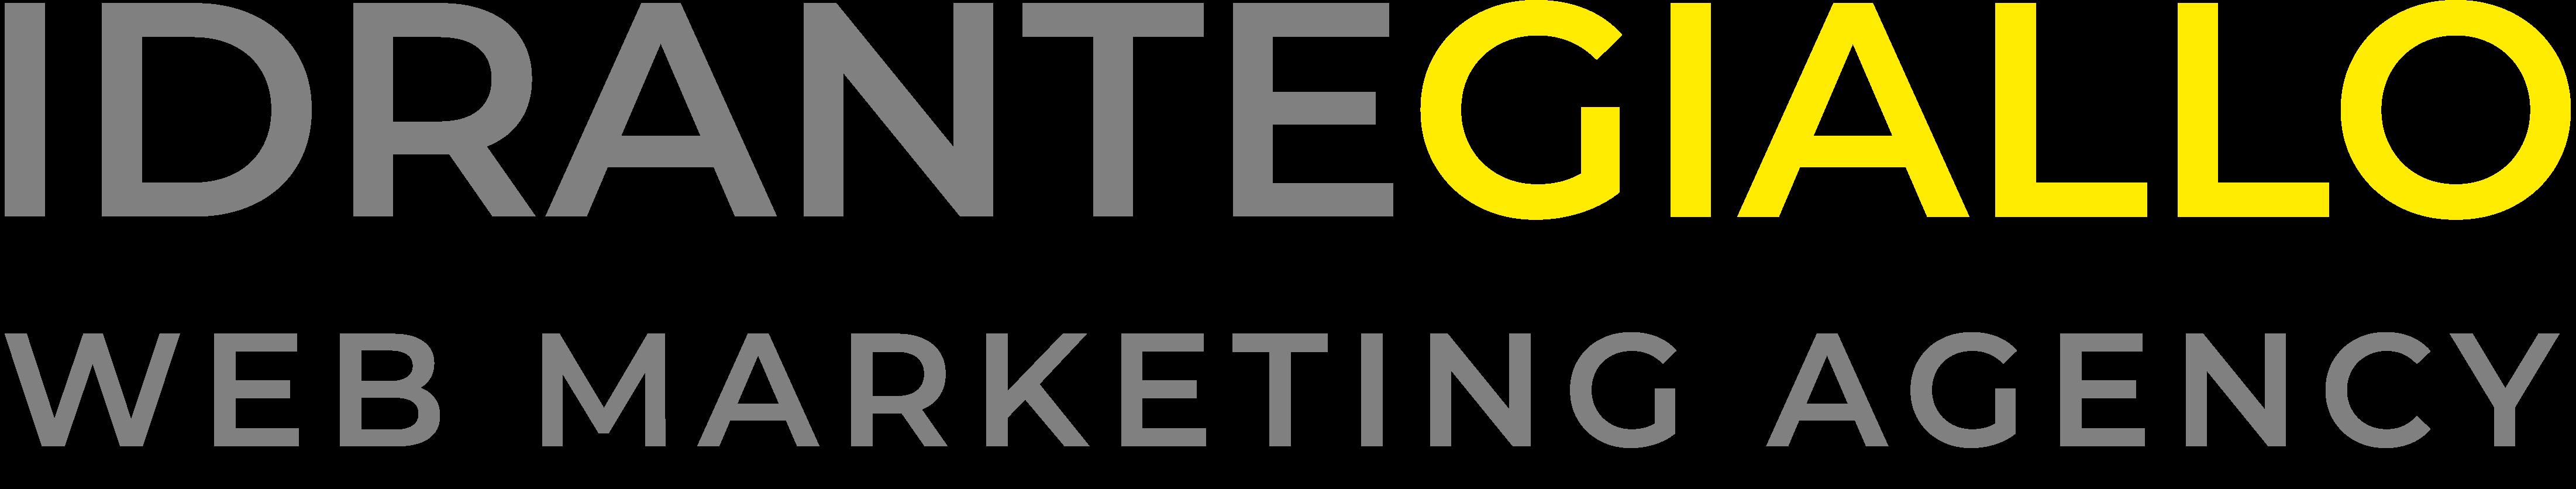 idrante giallo agenzia di marketing rimini